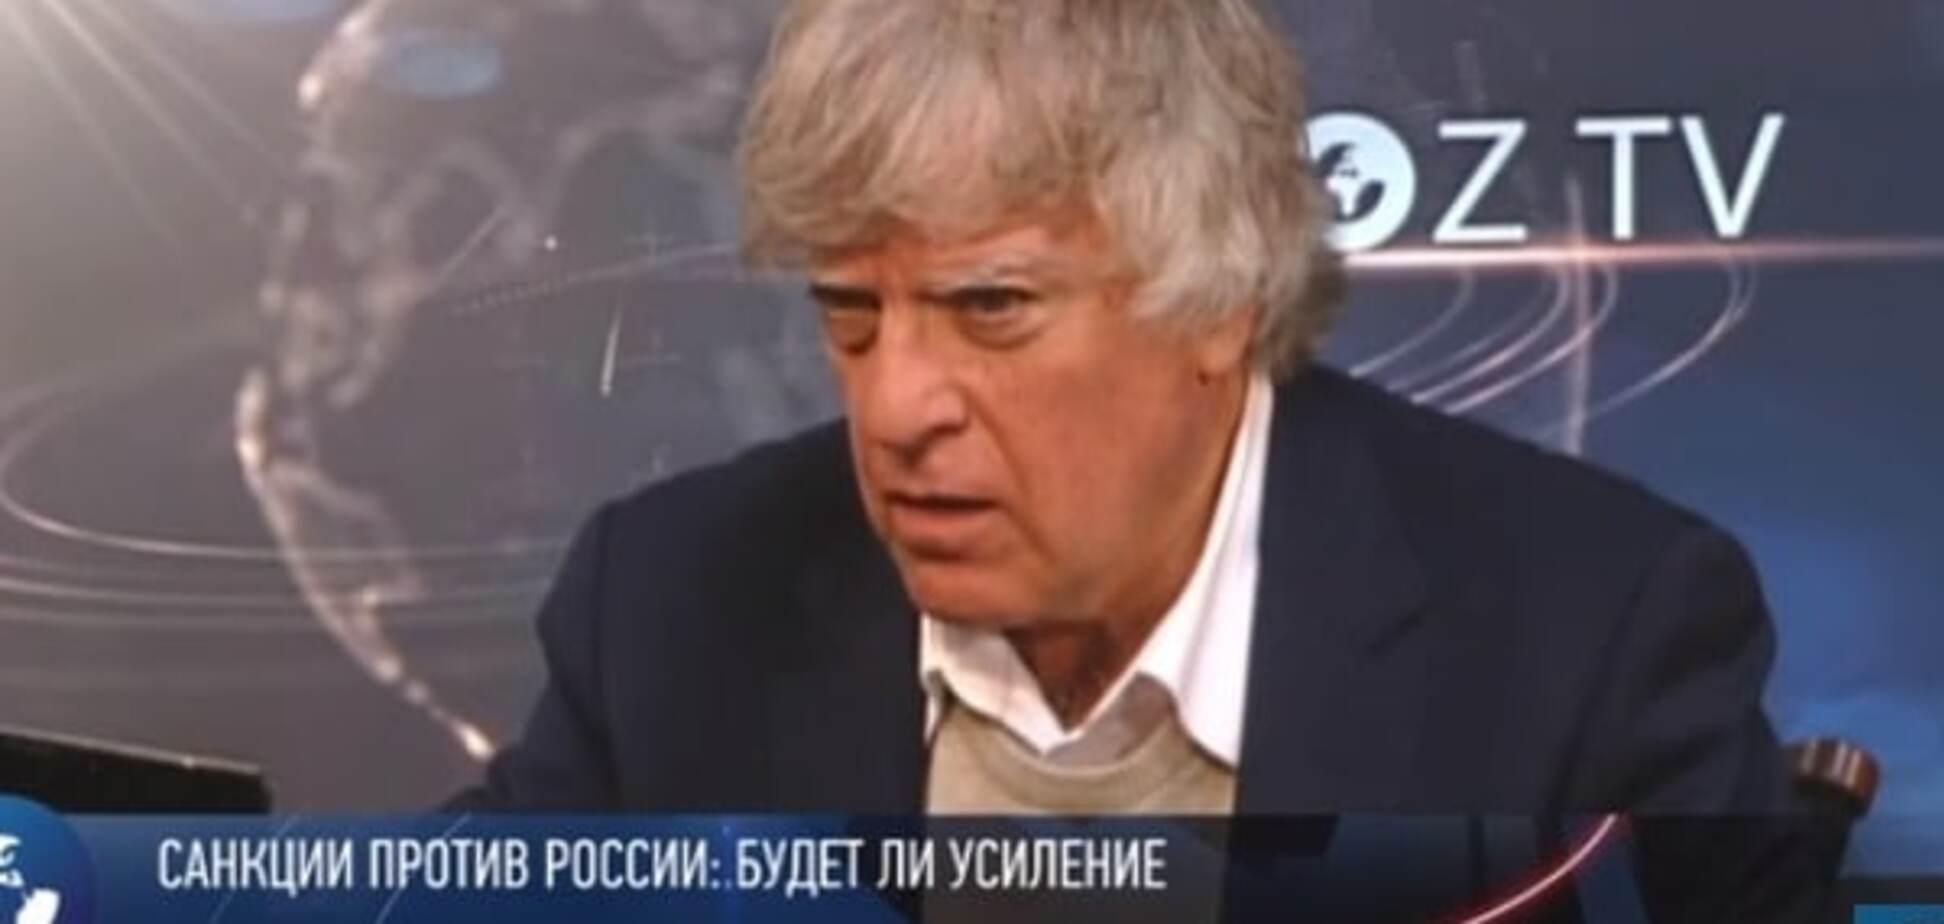 Расходный материал: Дэвид Сэттер обвинил Кремль в бесчеловечном отношении к россиянам